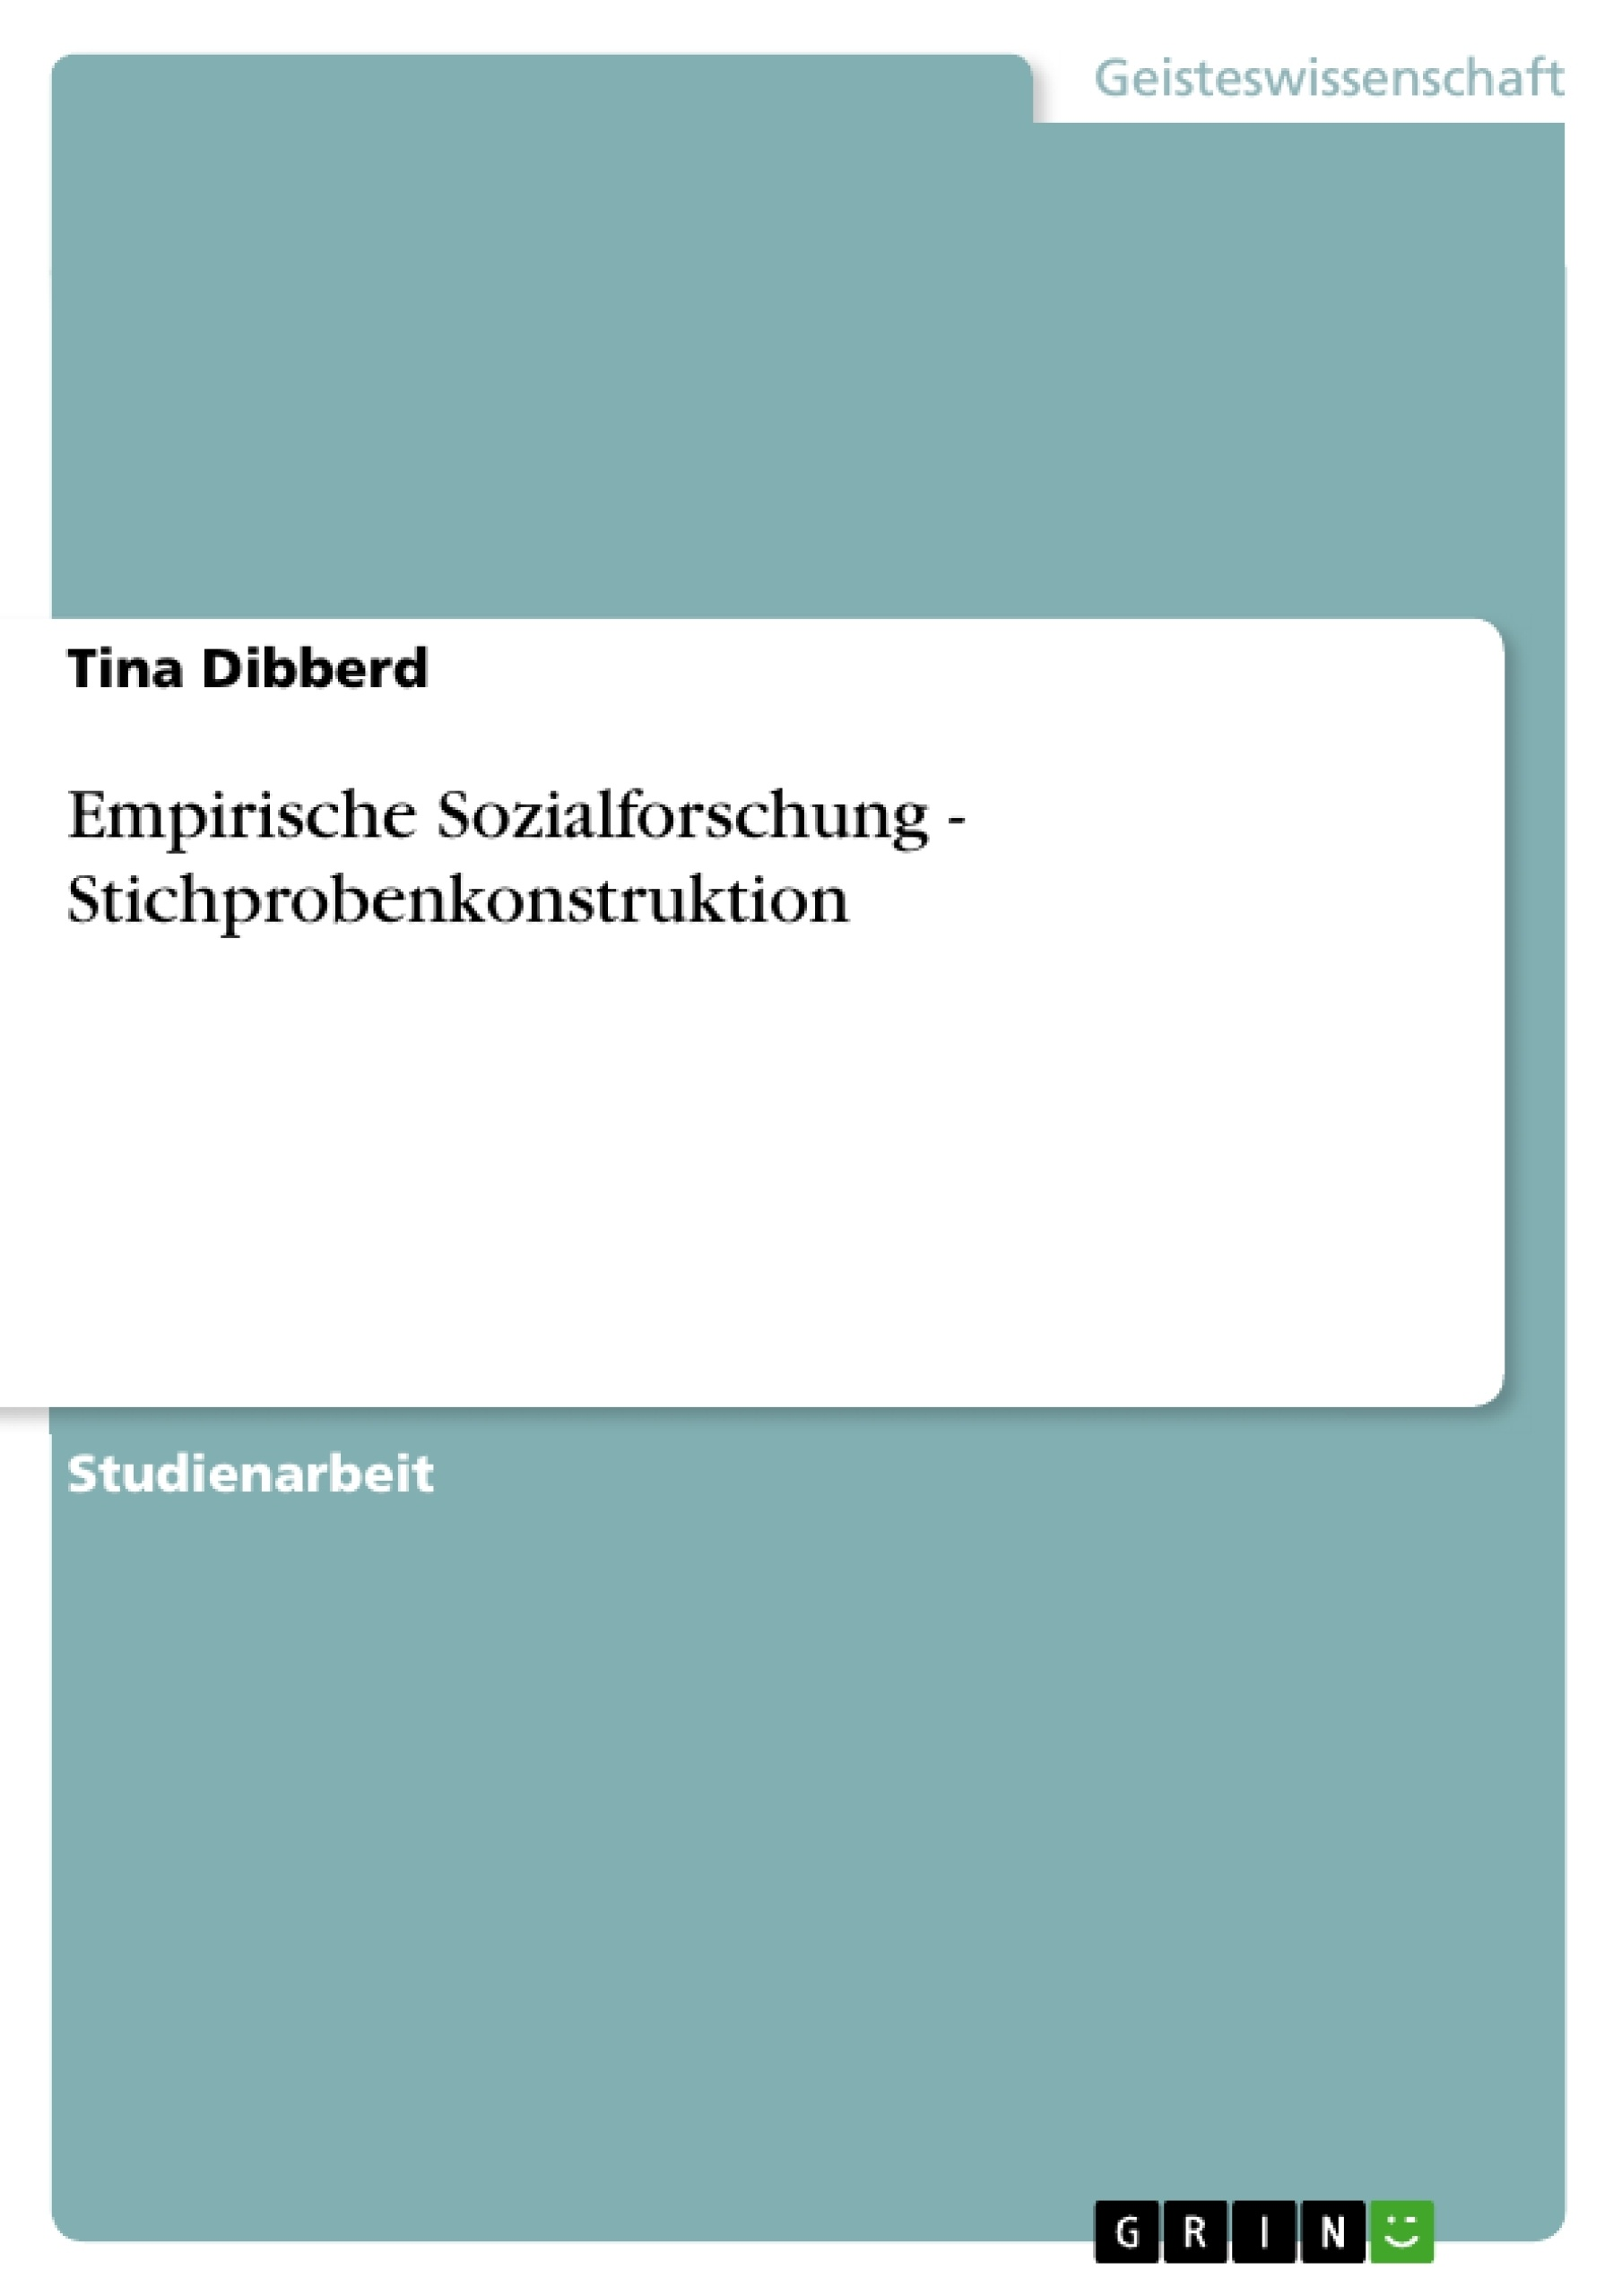 Titel: Empirische Sozialforschung - Stichprobenkonstruktion